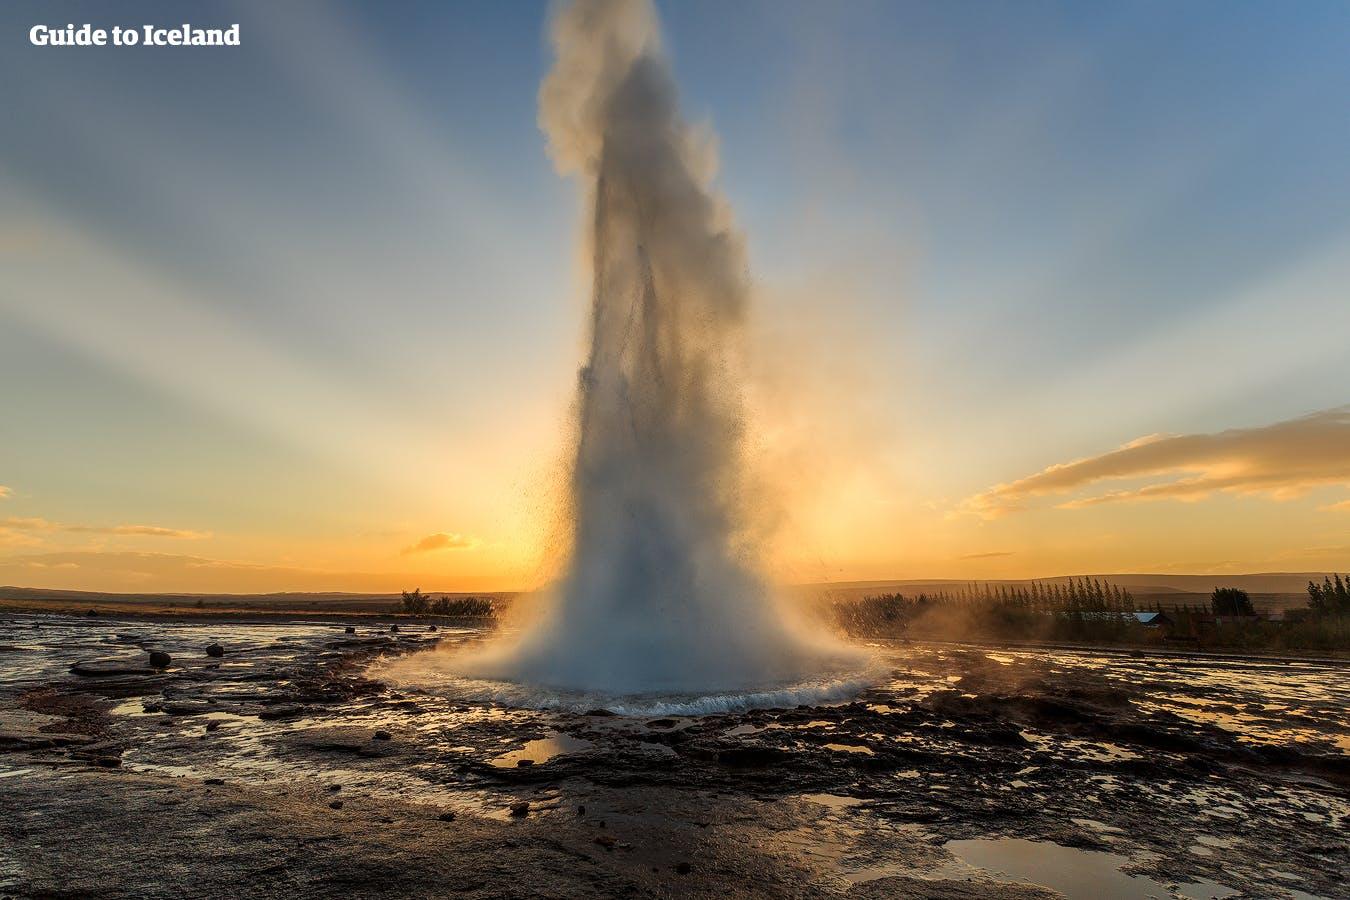 Den imponerende aktive geysiren i Geysir geotermiske park er en av tre hovedattraksjoner på Den gylne sirkel-ruten.